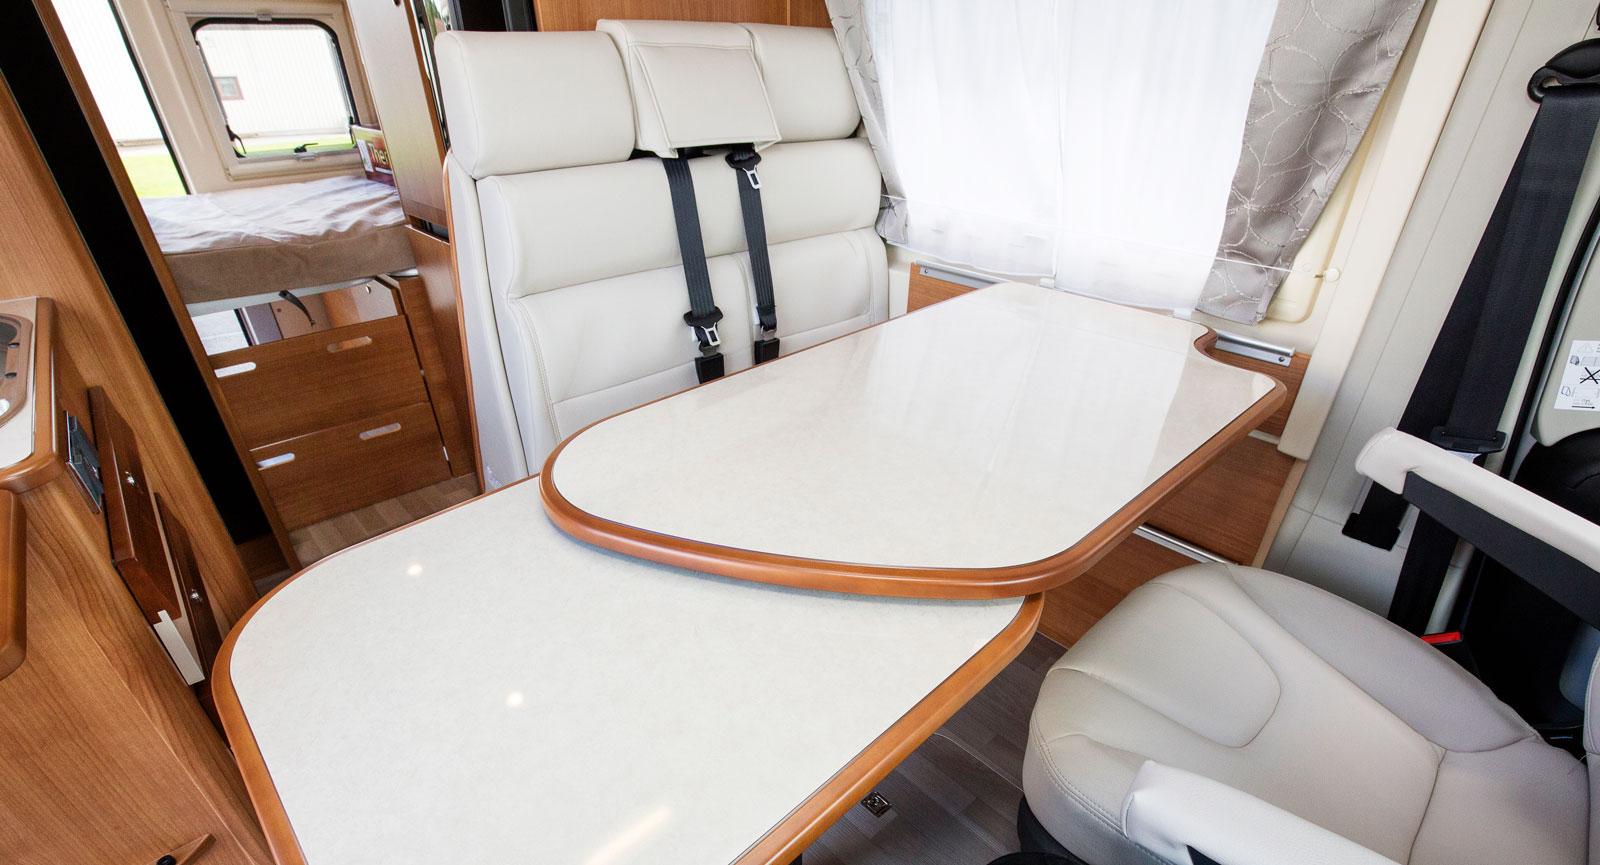 Extra bordsyta kan enkelt vridas ut men se upp med nivåskillnaden.